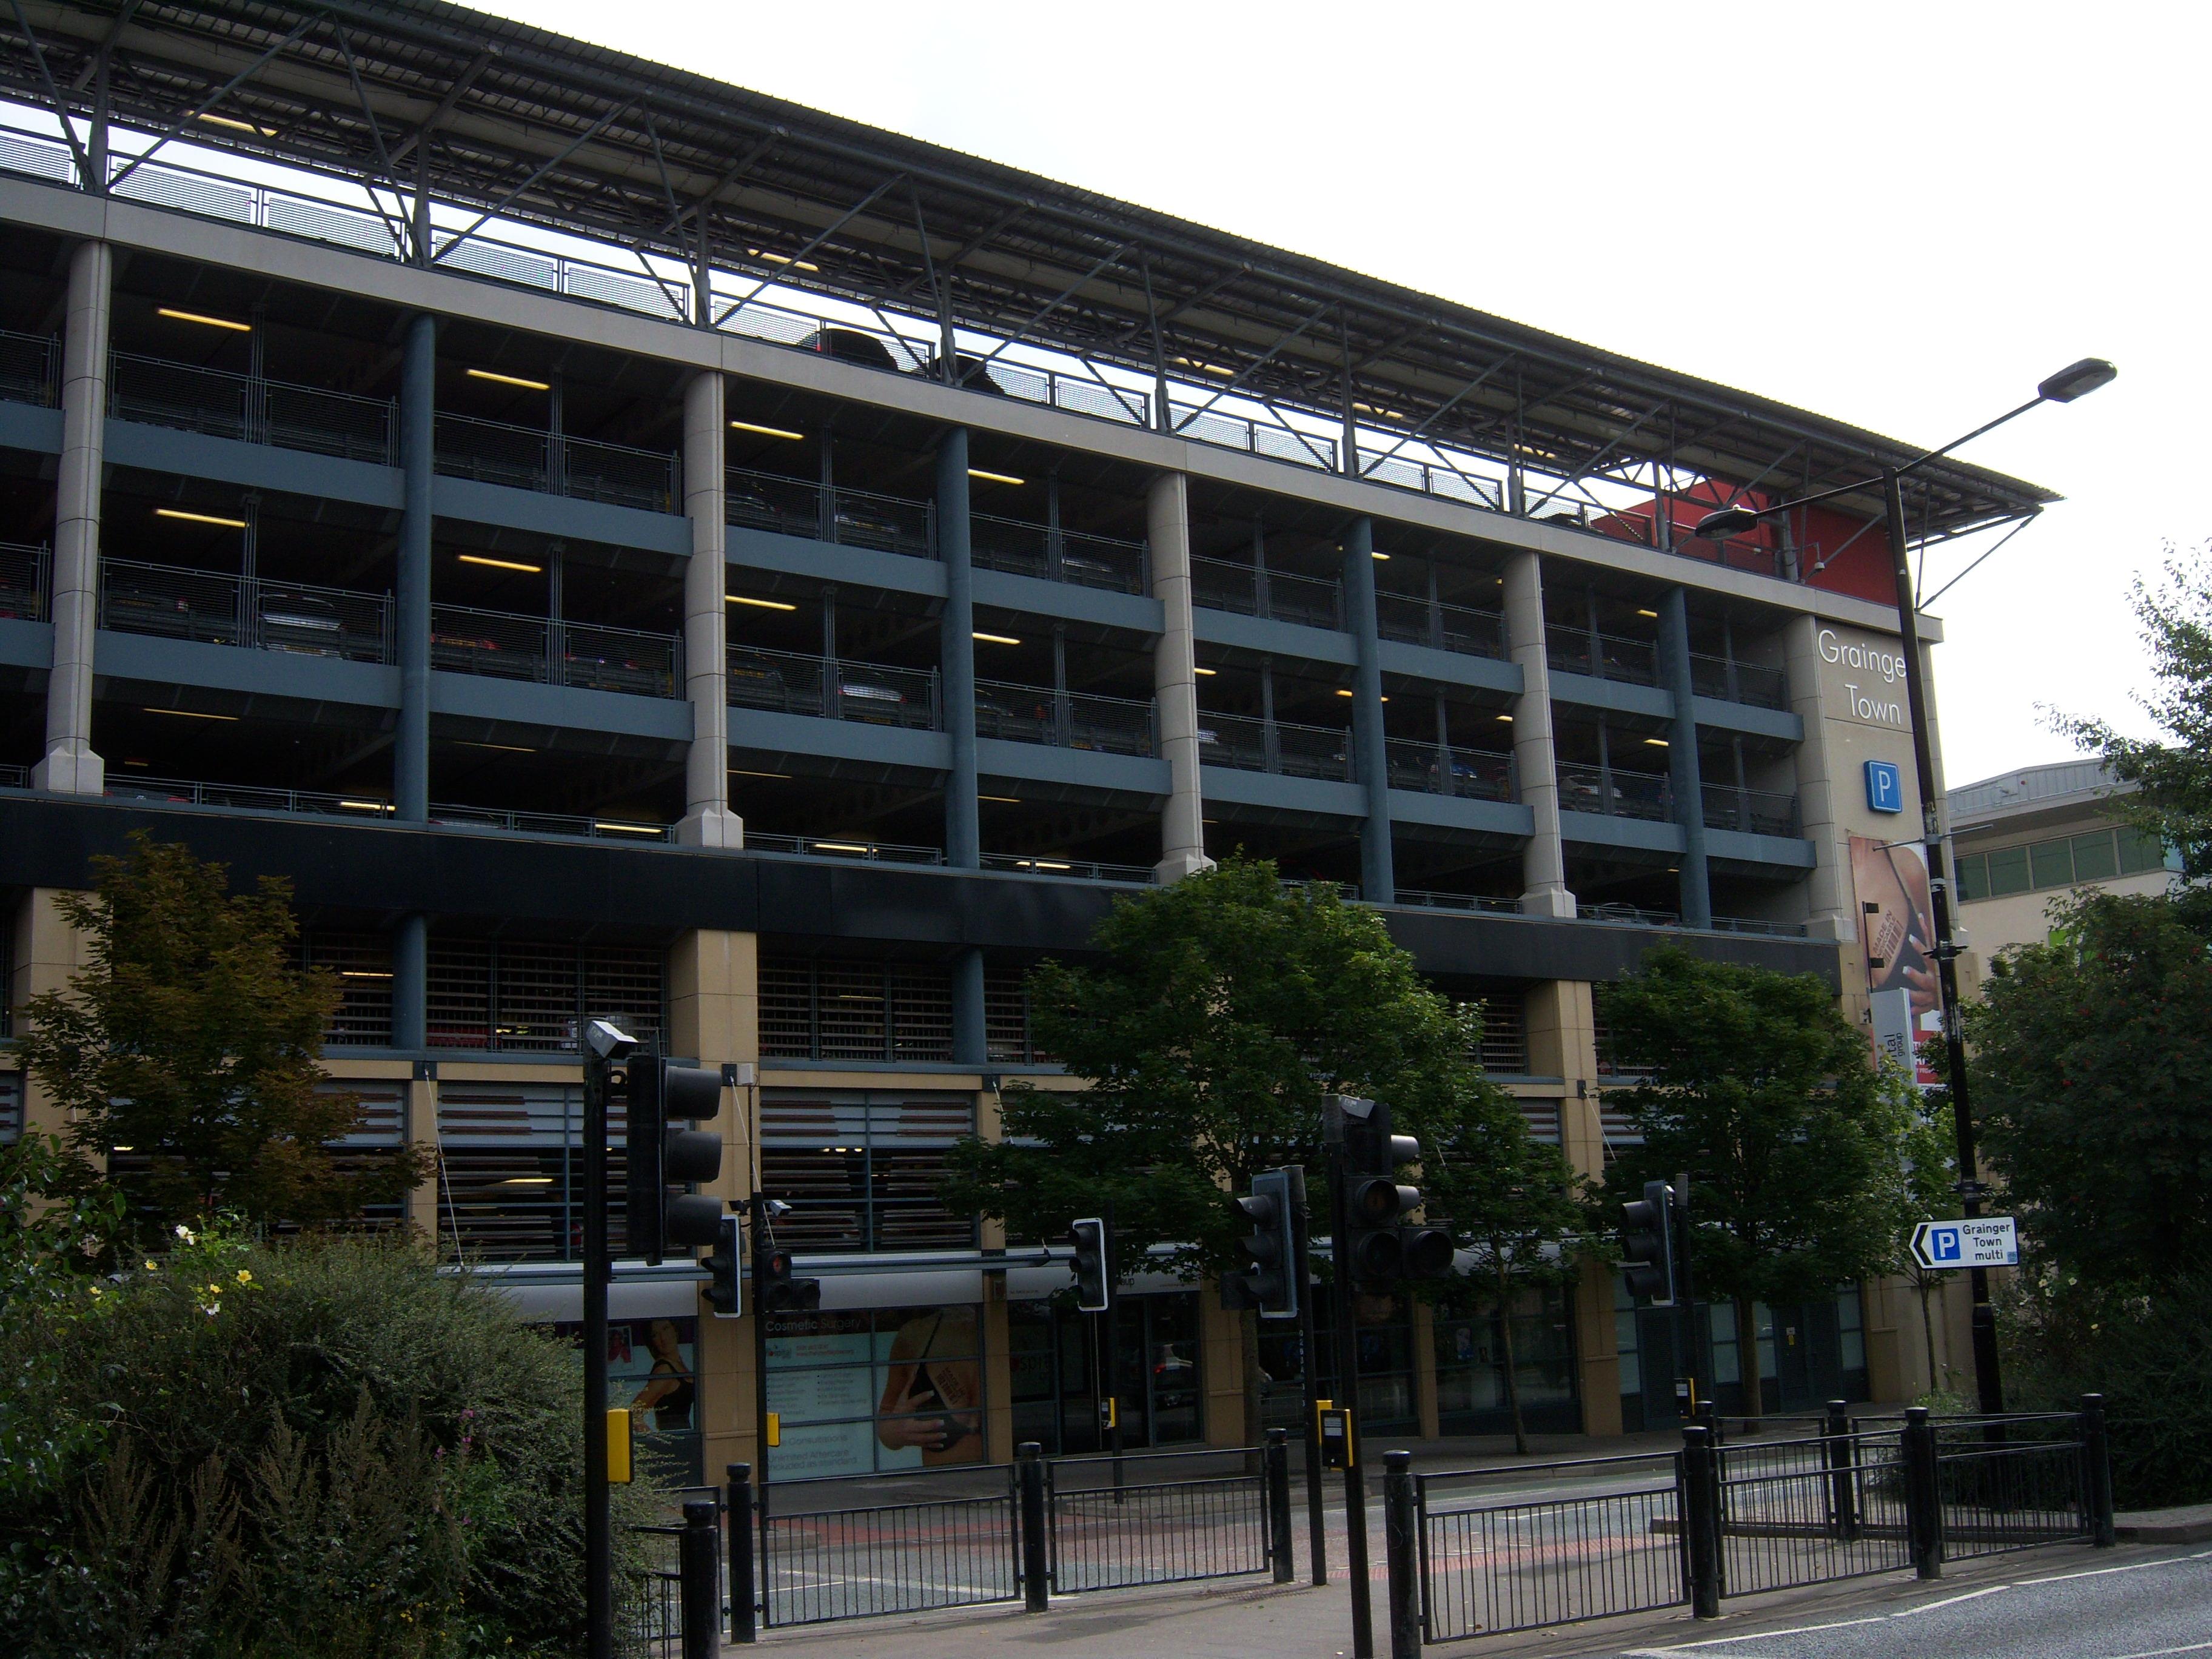 File:Grainger Town Car Park, Newcastle Upon Tyne, 4 September 2013